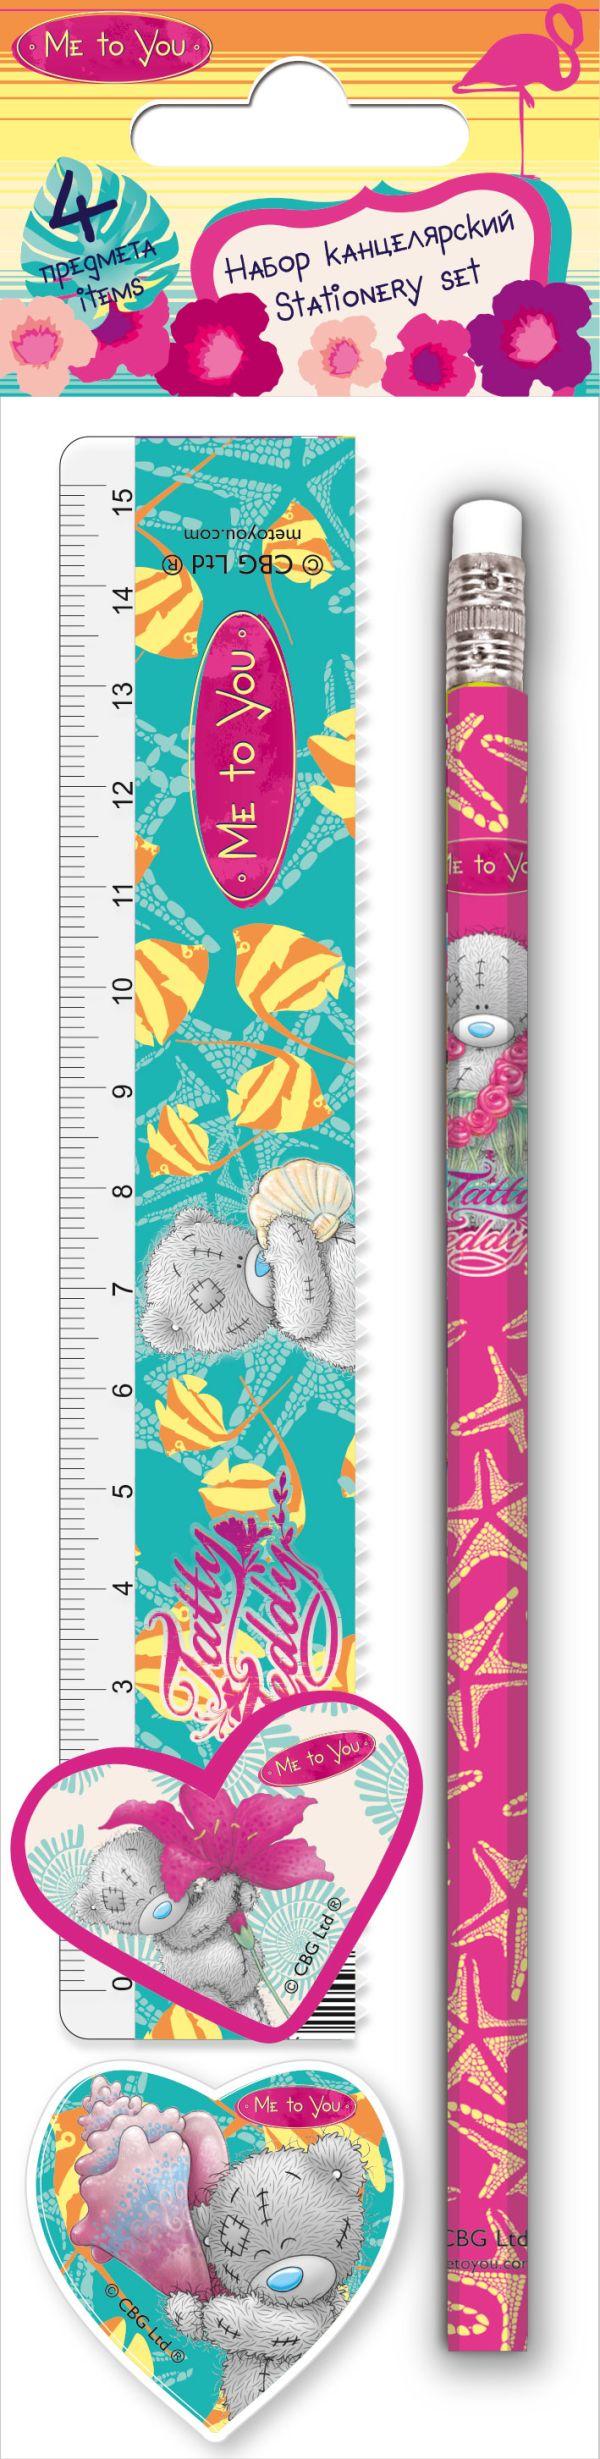 Канцелярский набор. Состав: линейка прозрачная 15 см, карандаш простой, точилка малая, ластик фигурный. Размер: 23 х 5,2 х 1,5 см. Me to You